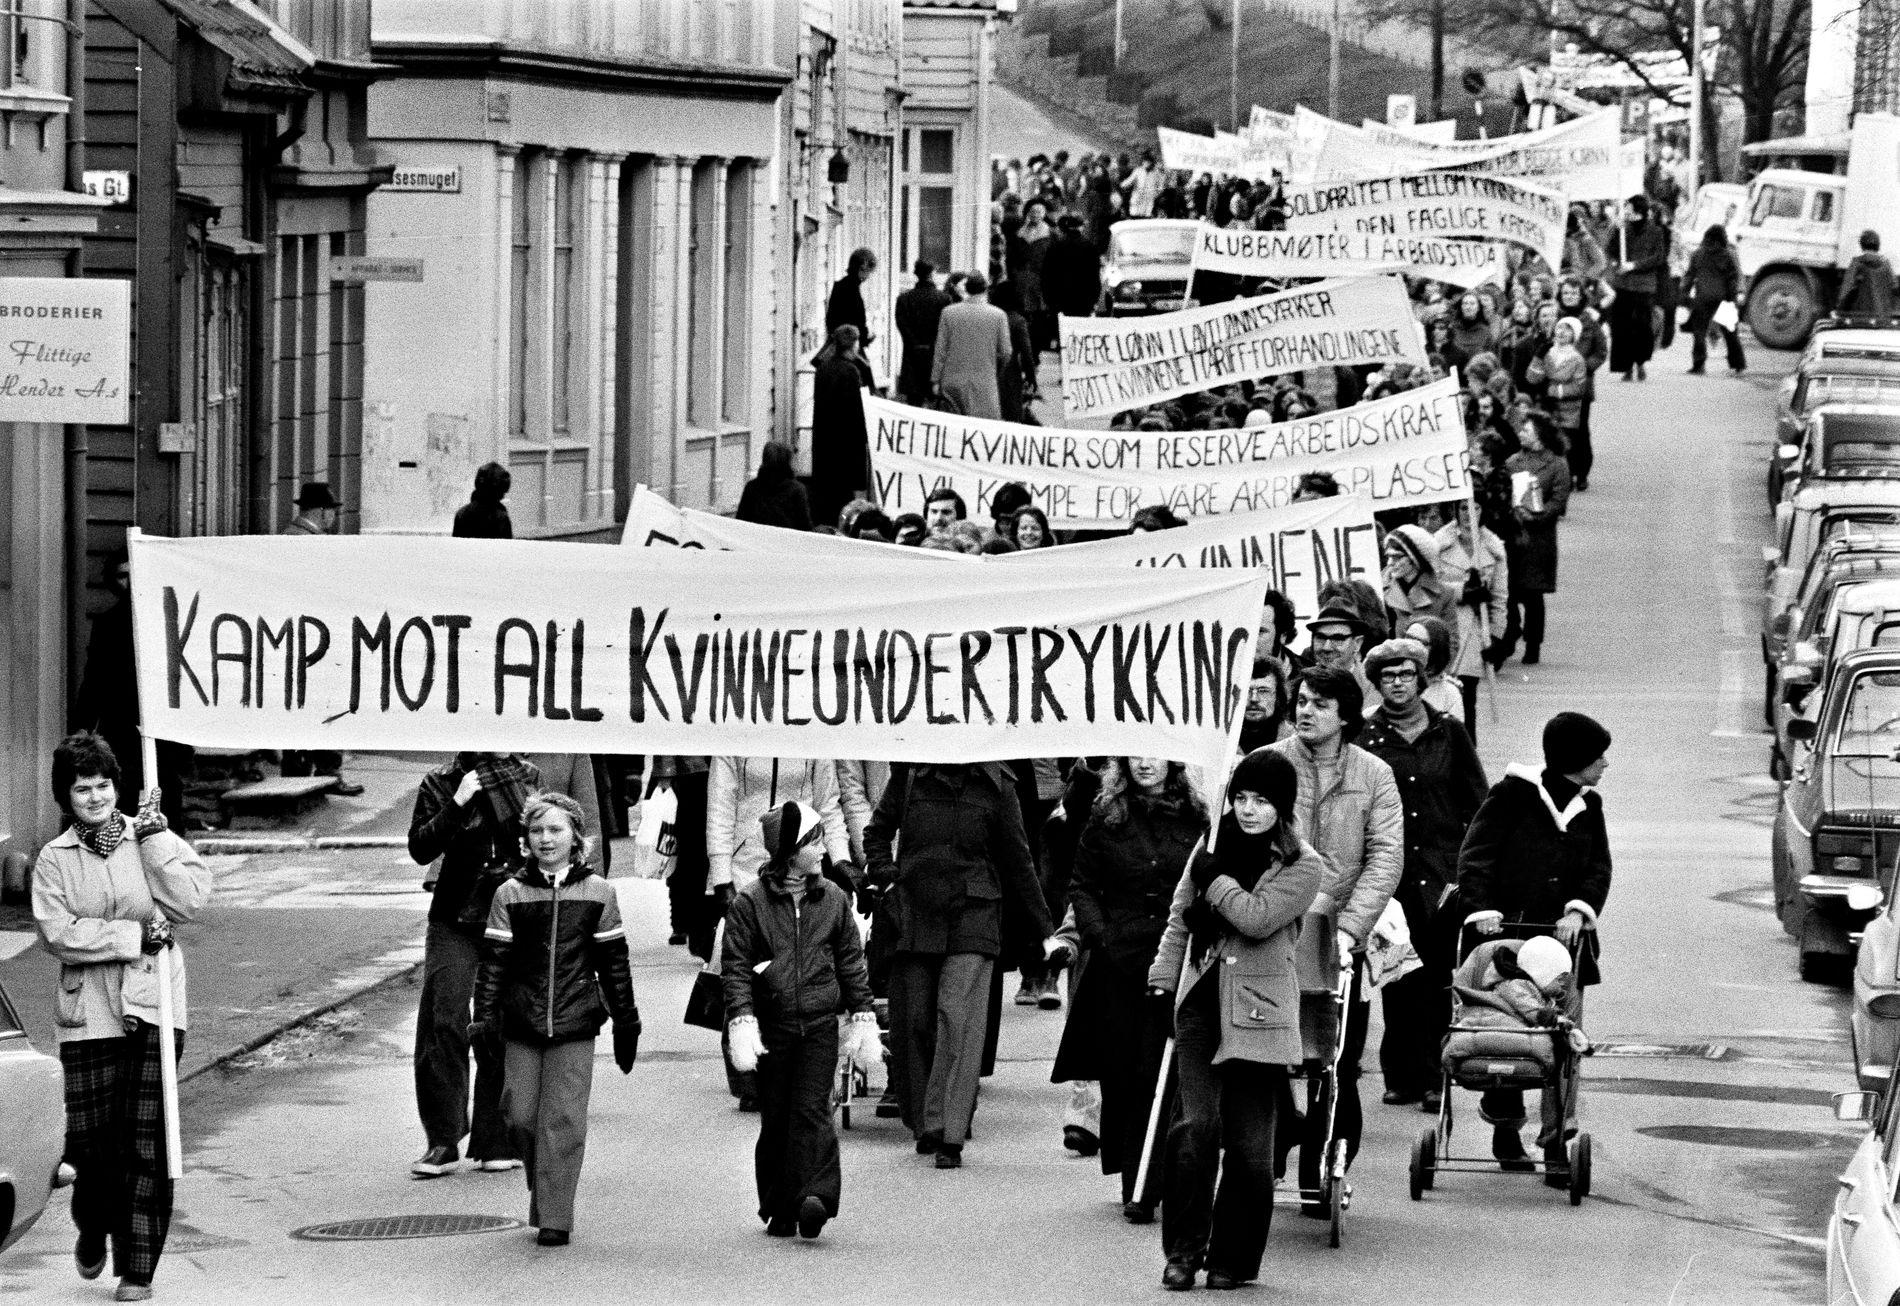 KVINNEDAGEN: Under 8. mars-toget i Bergen i 1975 hadde de flere av de samme kampsakene som i dag. 43 år senere har kvinner og menn fremdeles ikke like vilkår for å lykkes i Norge.